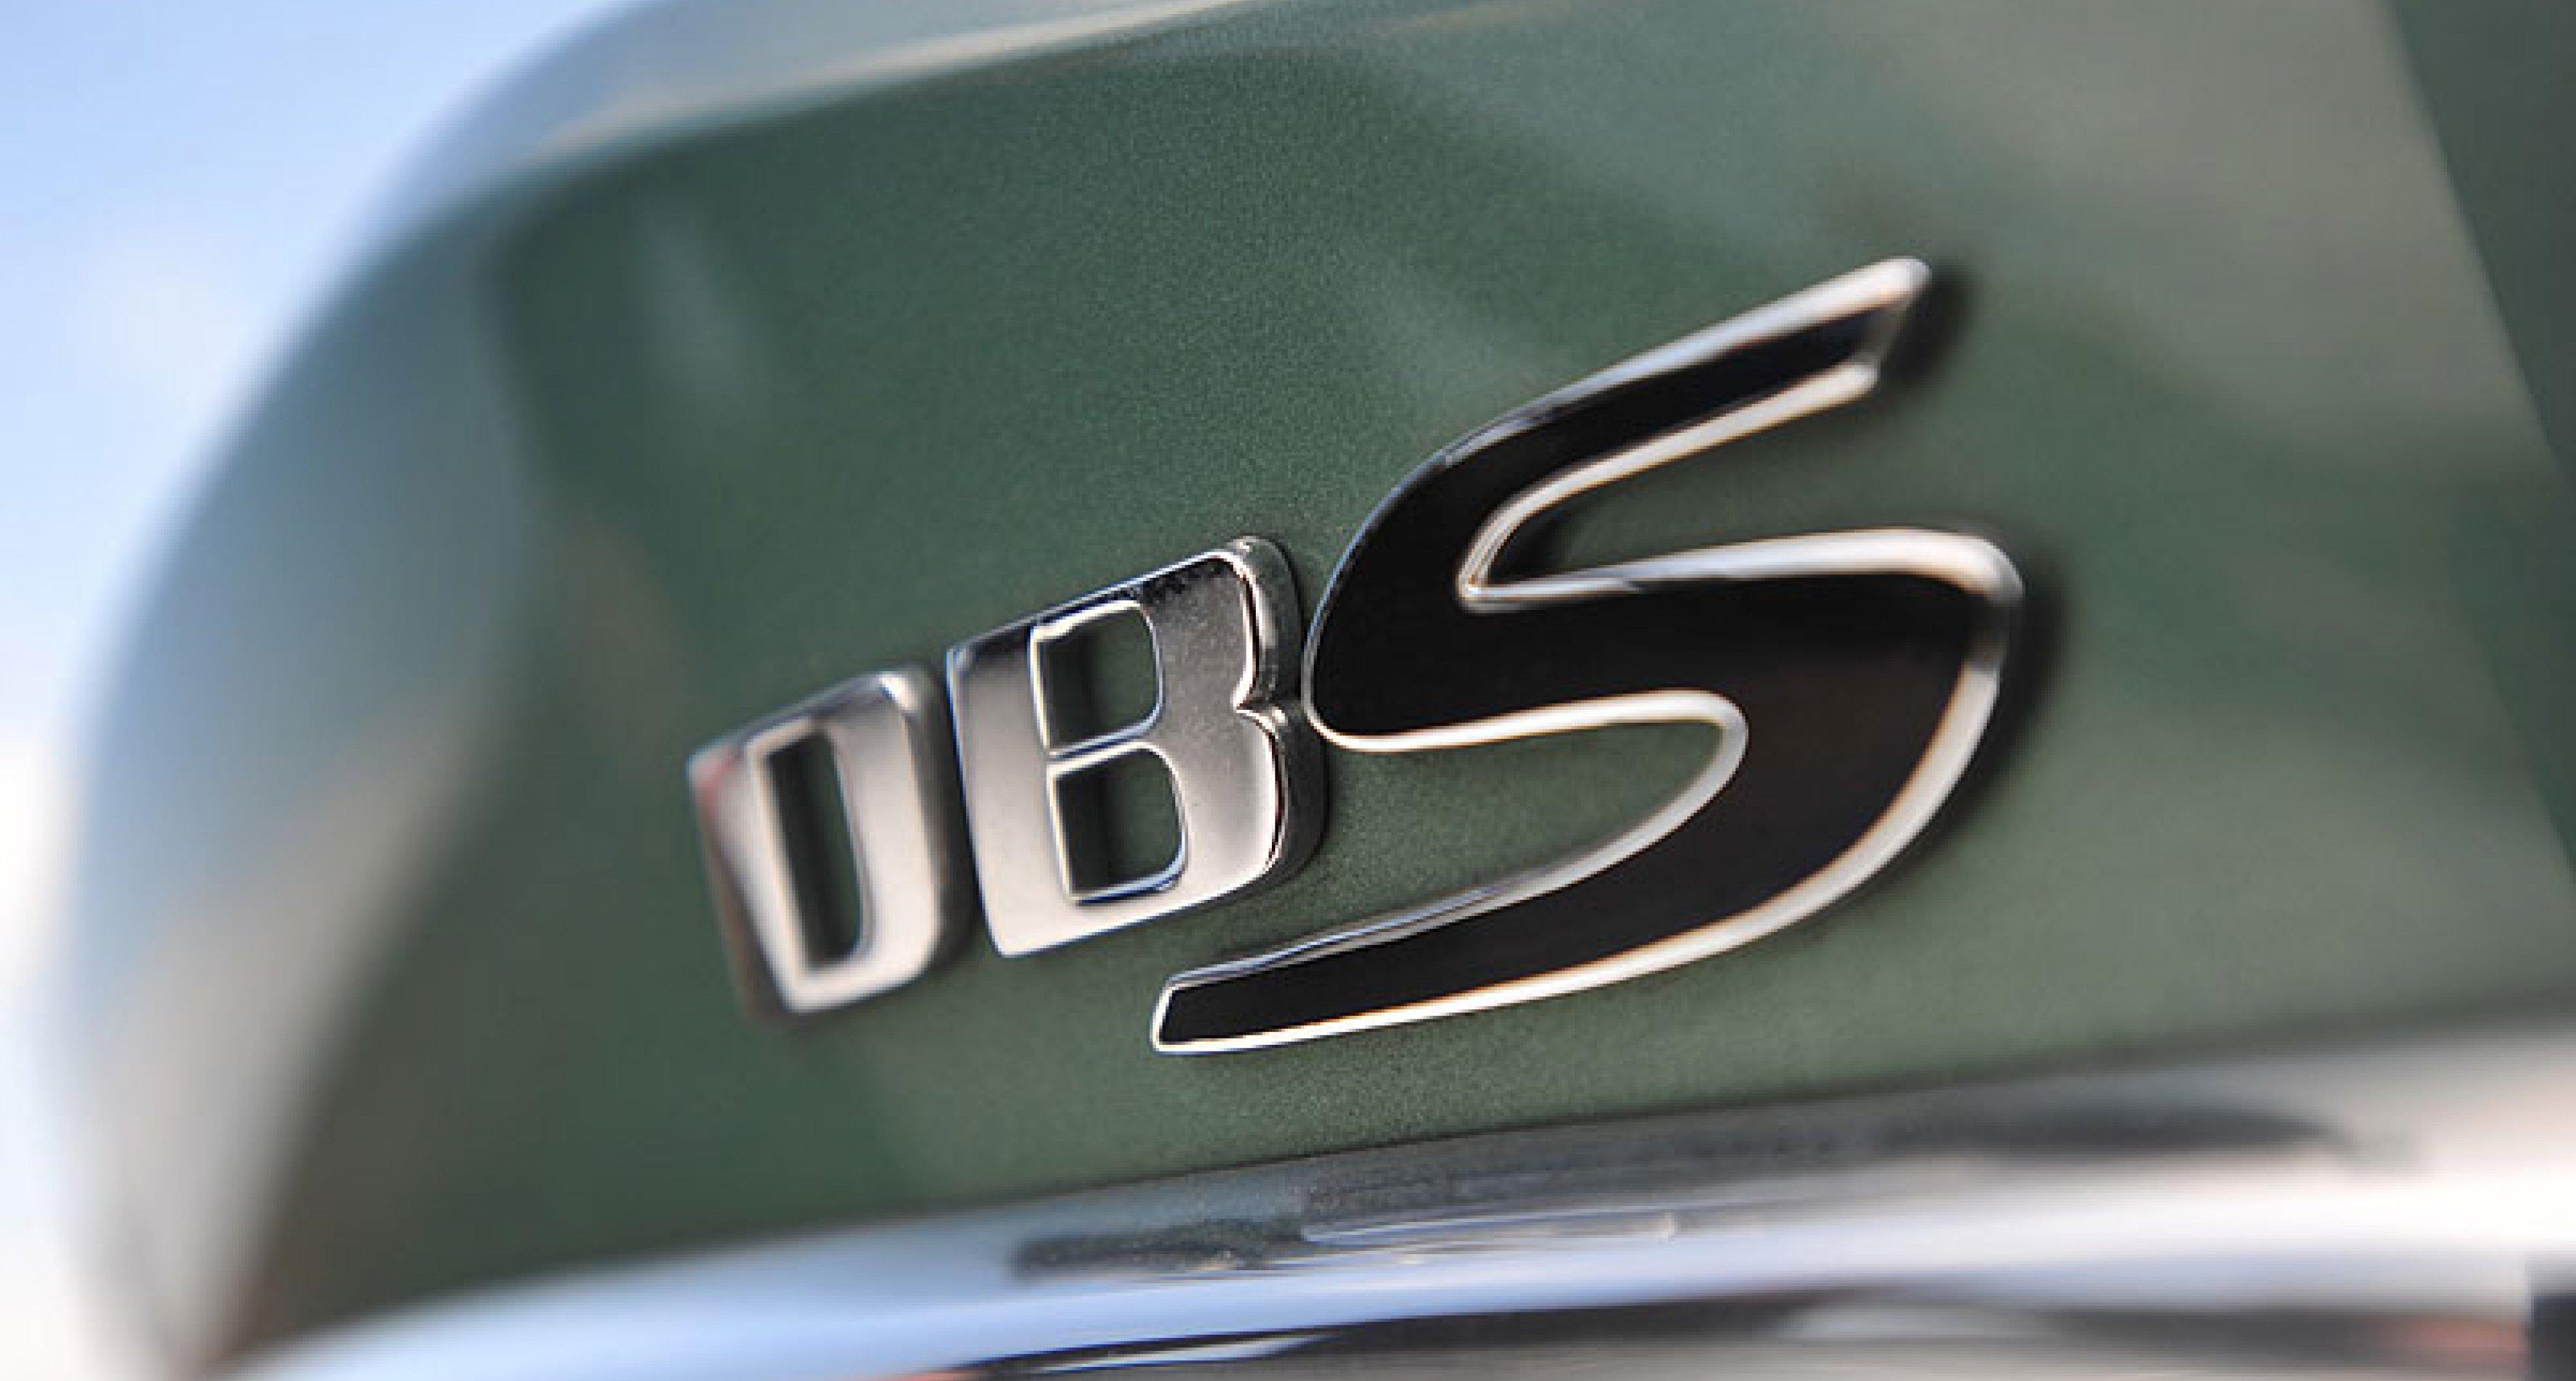 Aston Martin DBS TT: the Look of Love